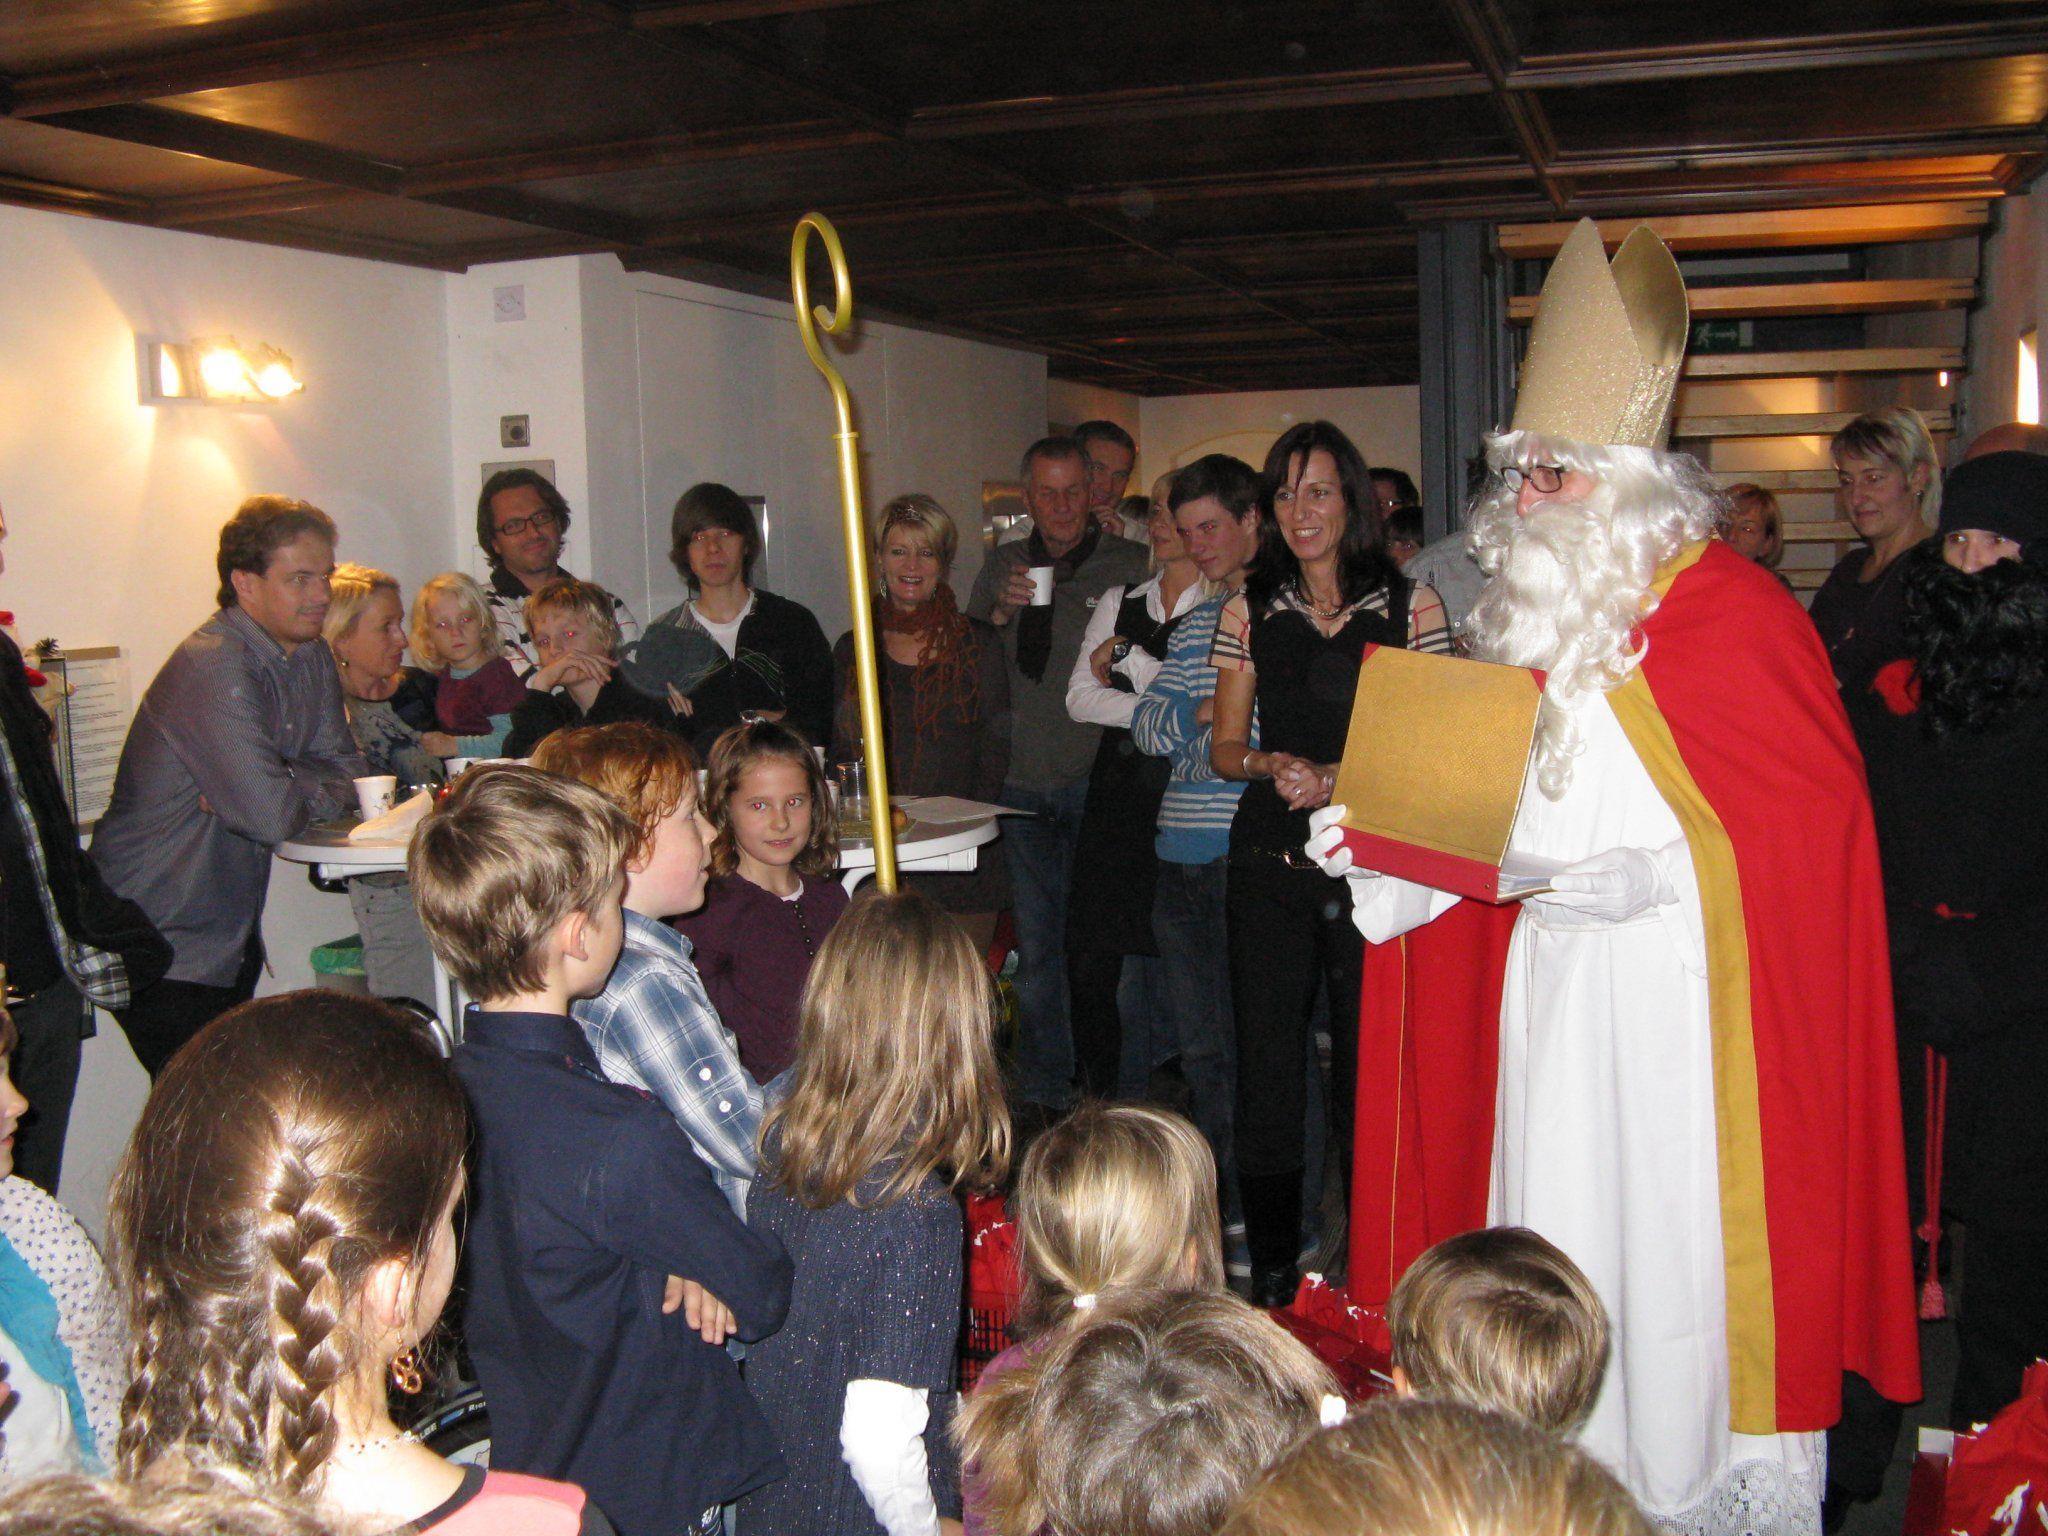 Besuch des Nikolaus   -  Mehr Fotos unter: www.sv-goetzis.at